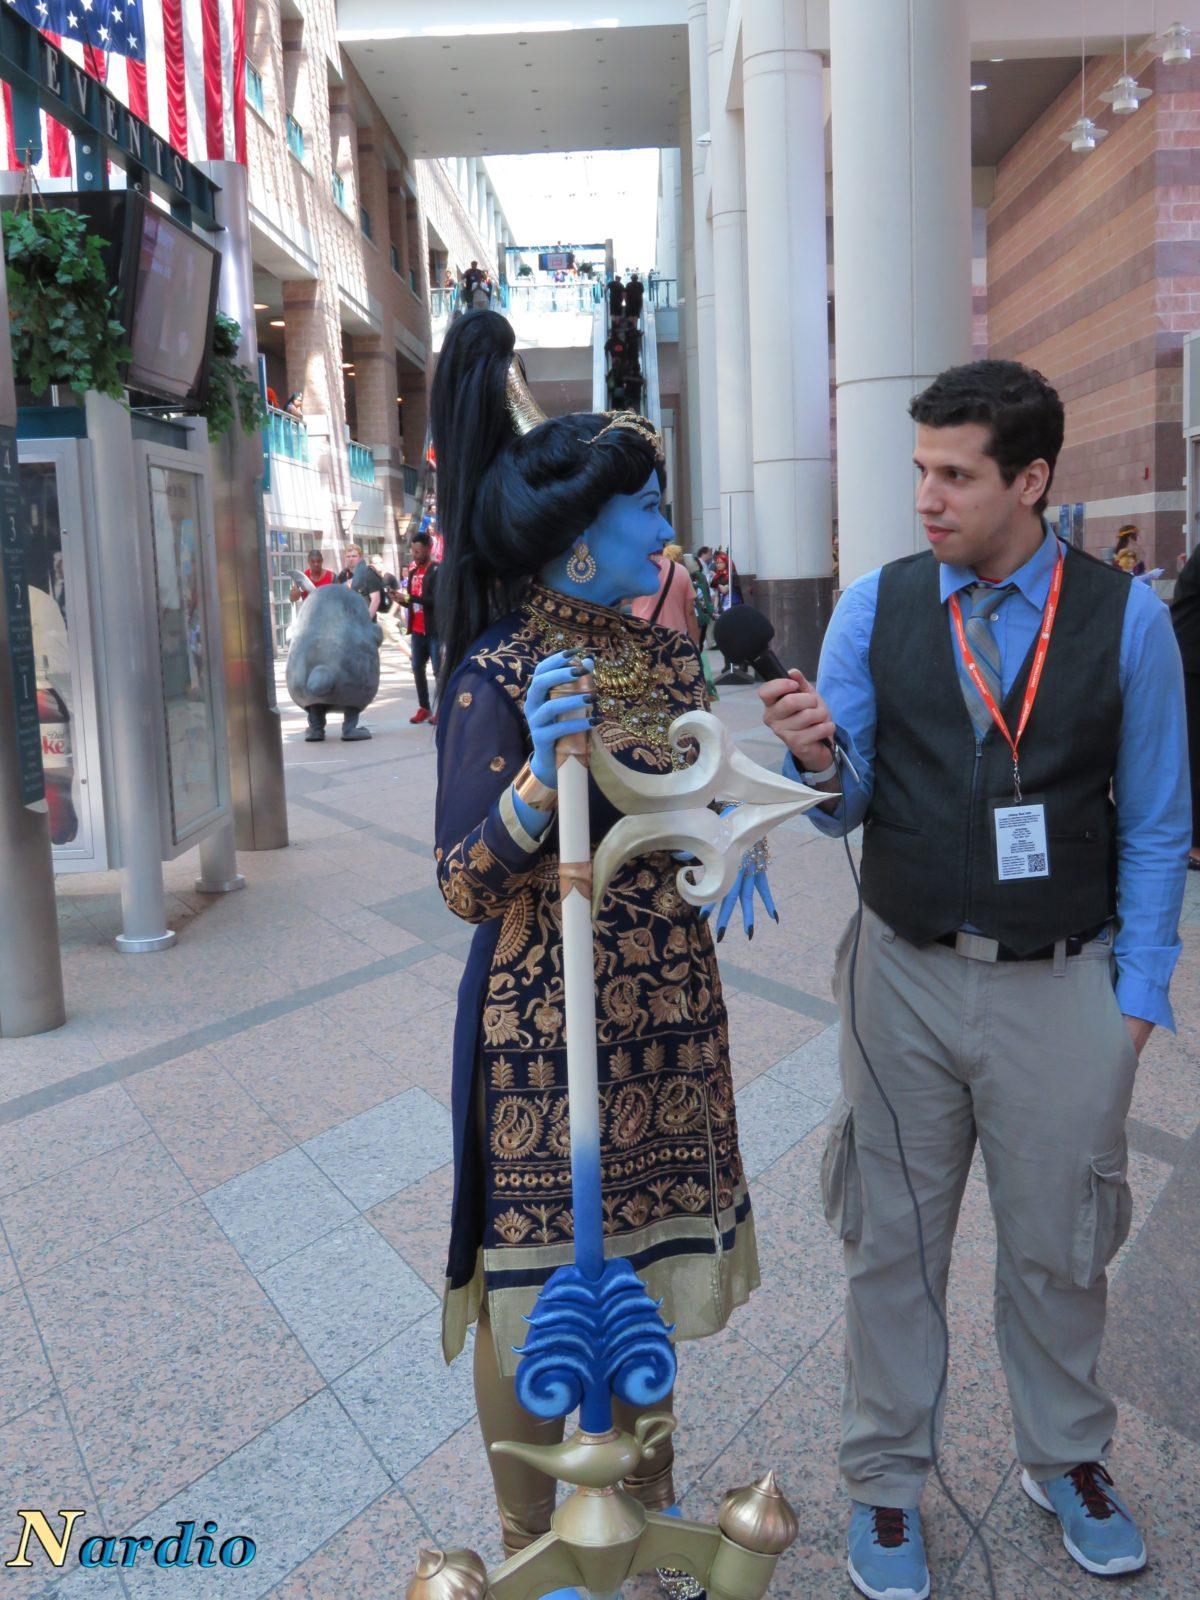 Aladdin and Genie AnimeNext Cosplay With Bernardo 2